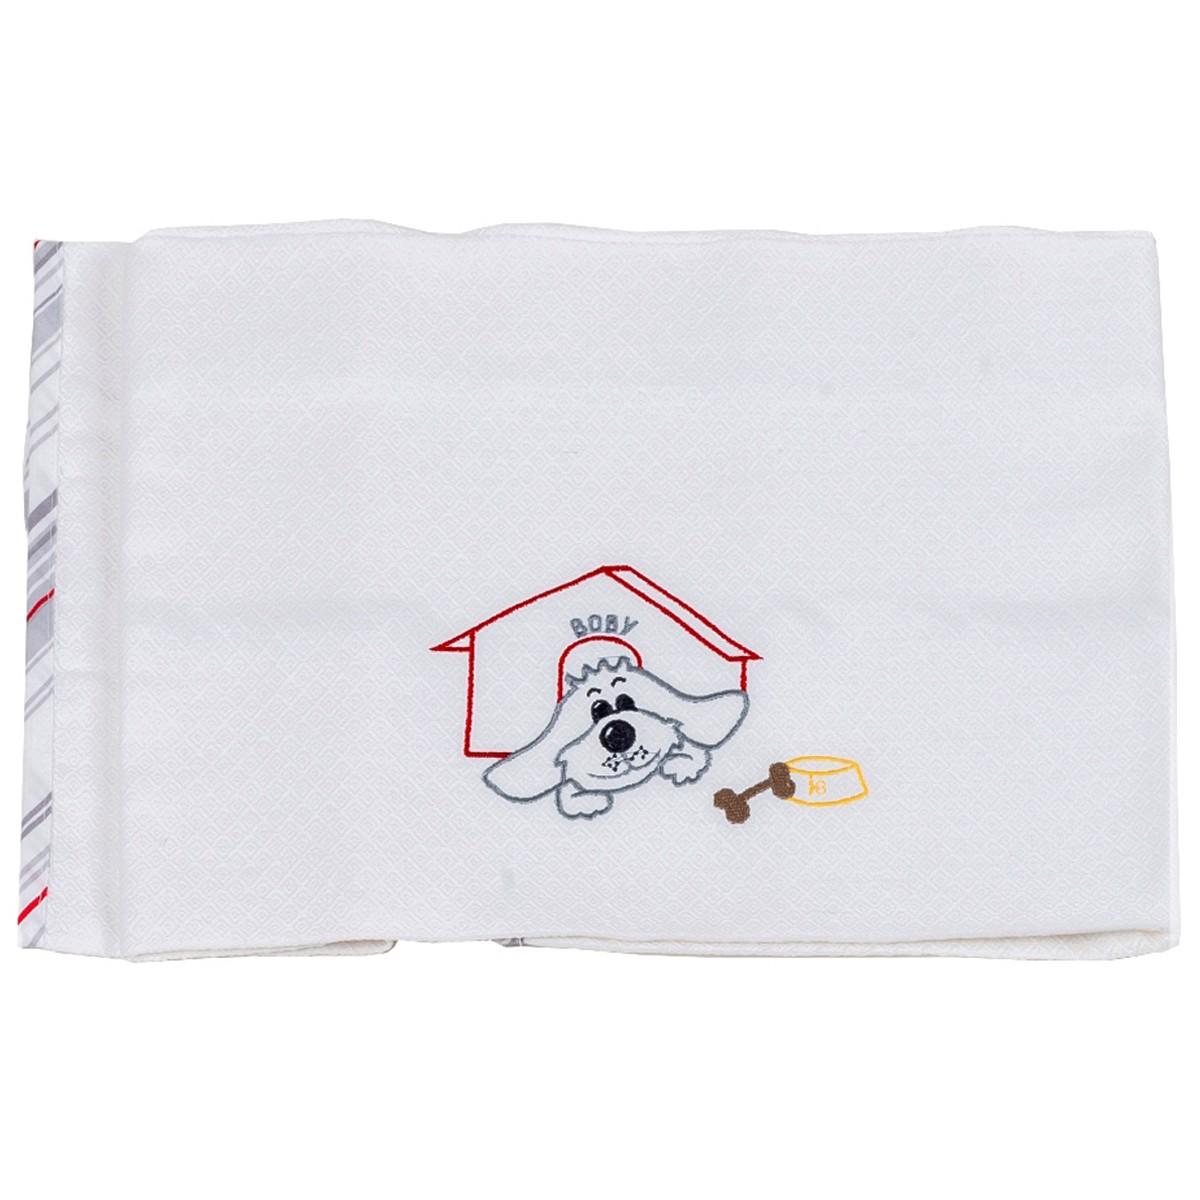 Κουβέρτα Πικέ Κούνιας Κόσμος Του Μωρού 0303 Boby Γκρι